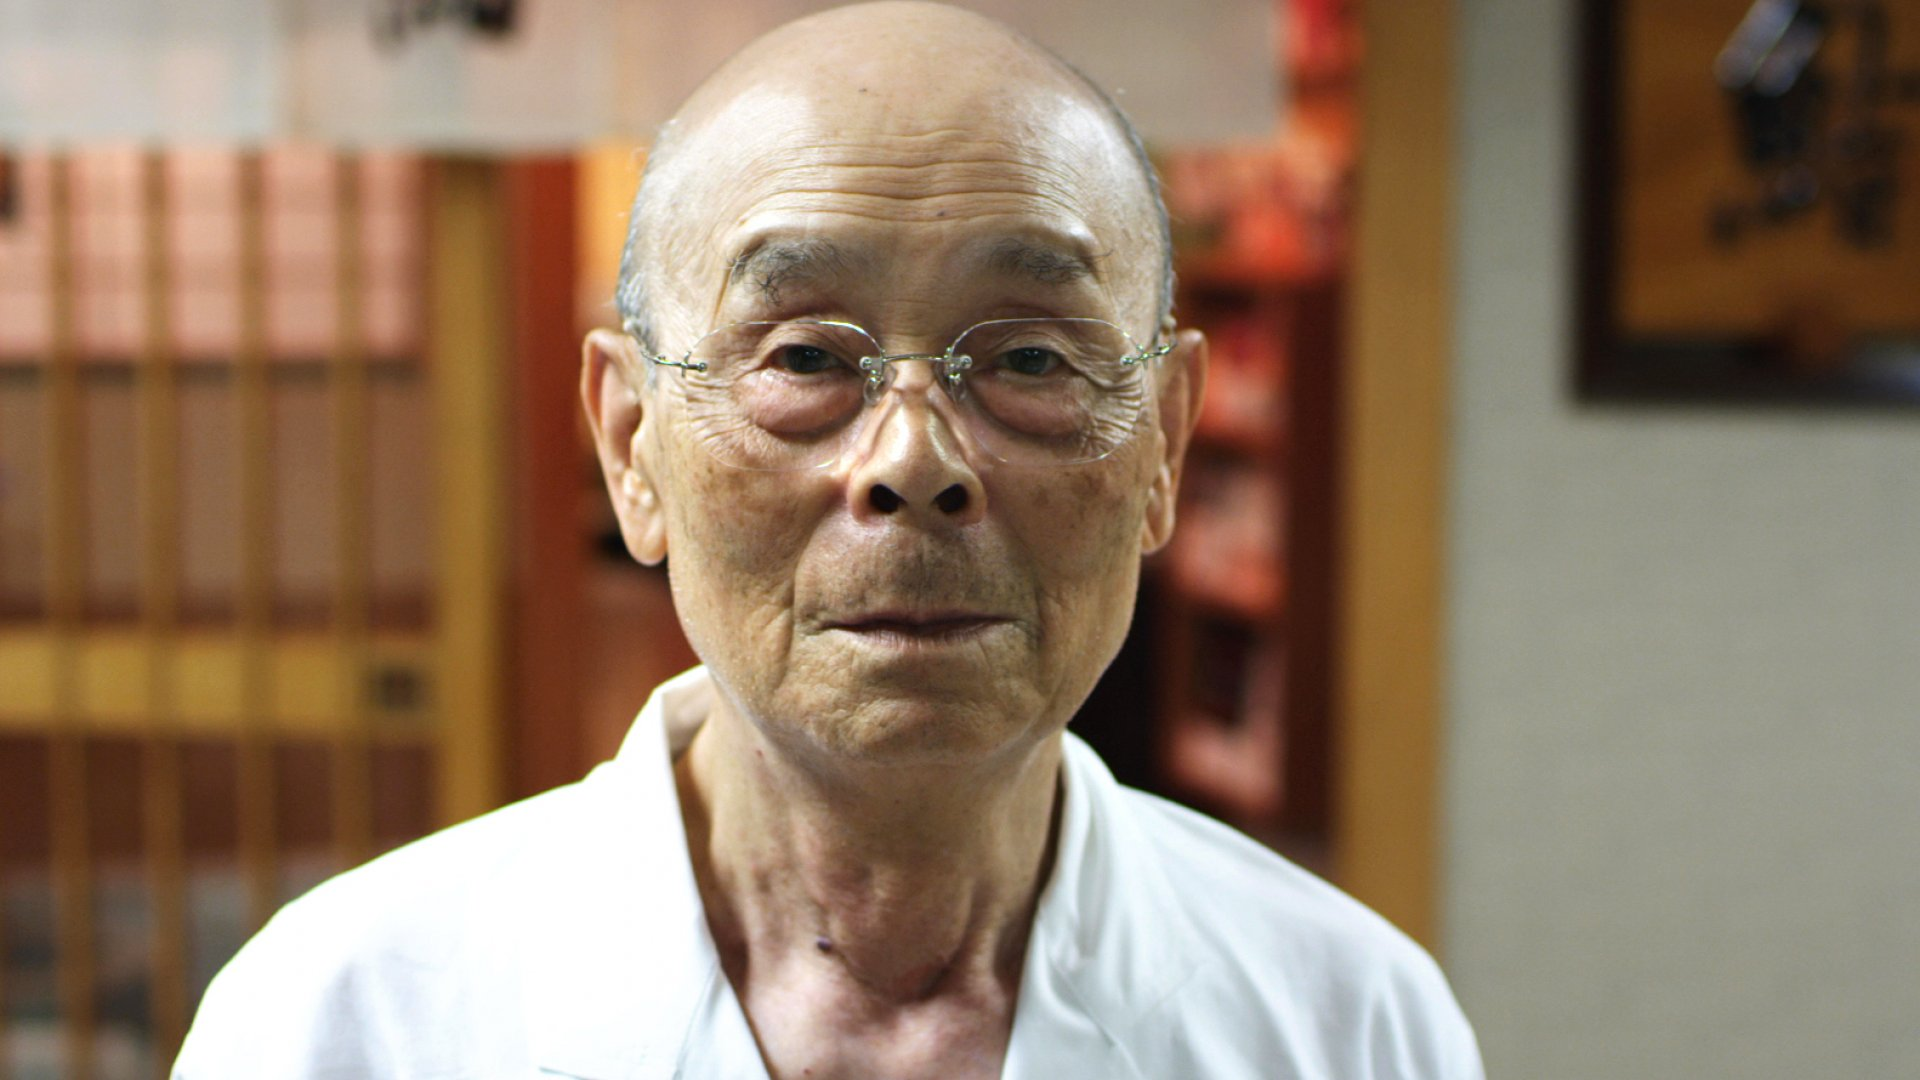 Jiro Ono in Jiro Dreams of Sushi.